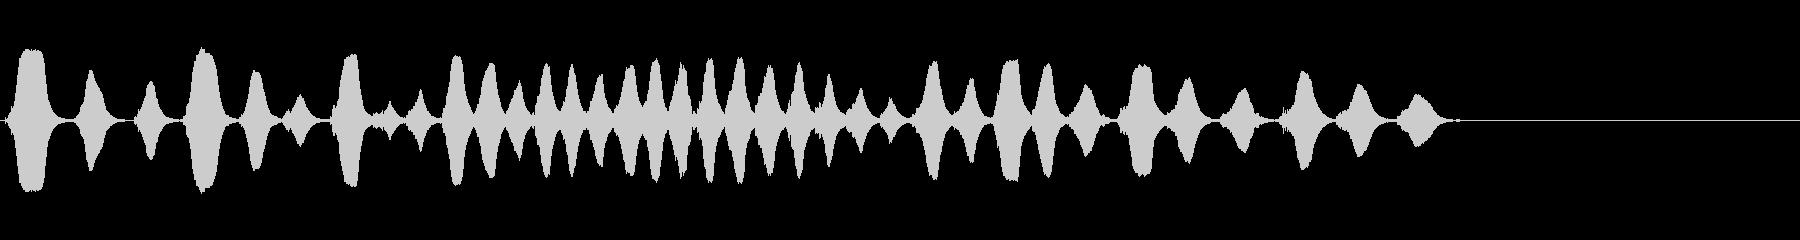 フルート:ファニーホースギャロップ...の未再生の波形